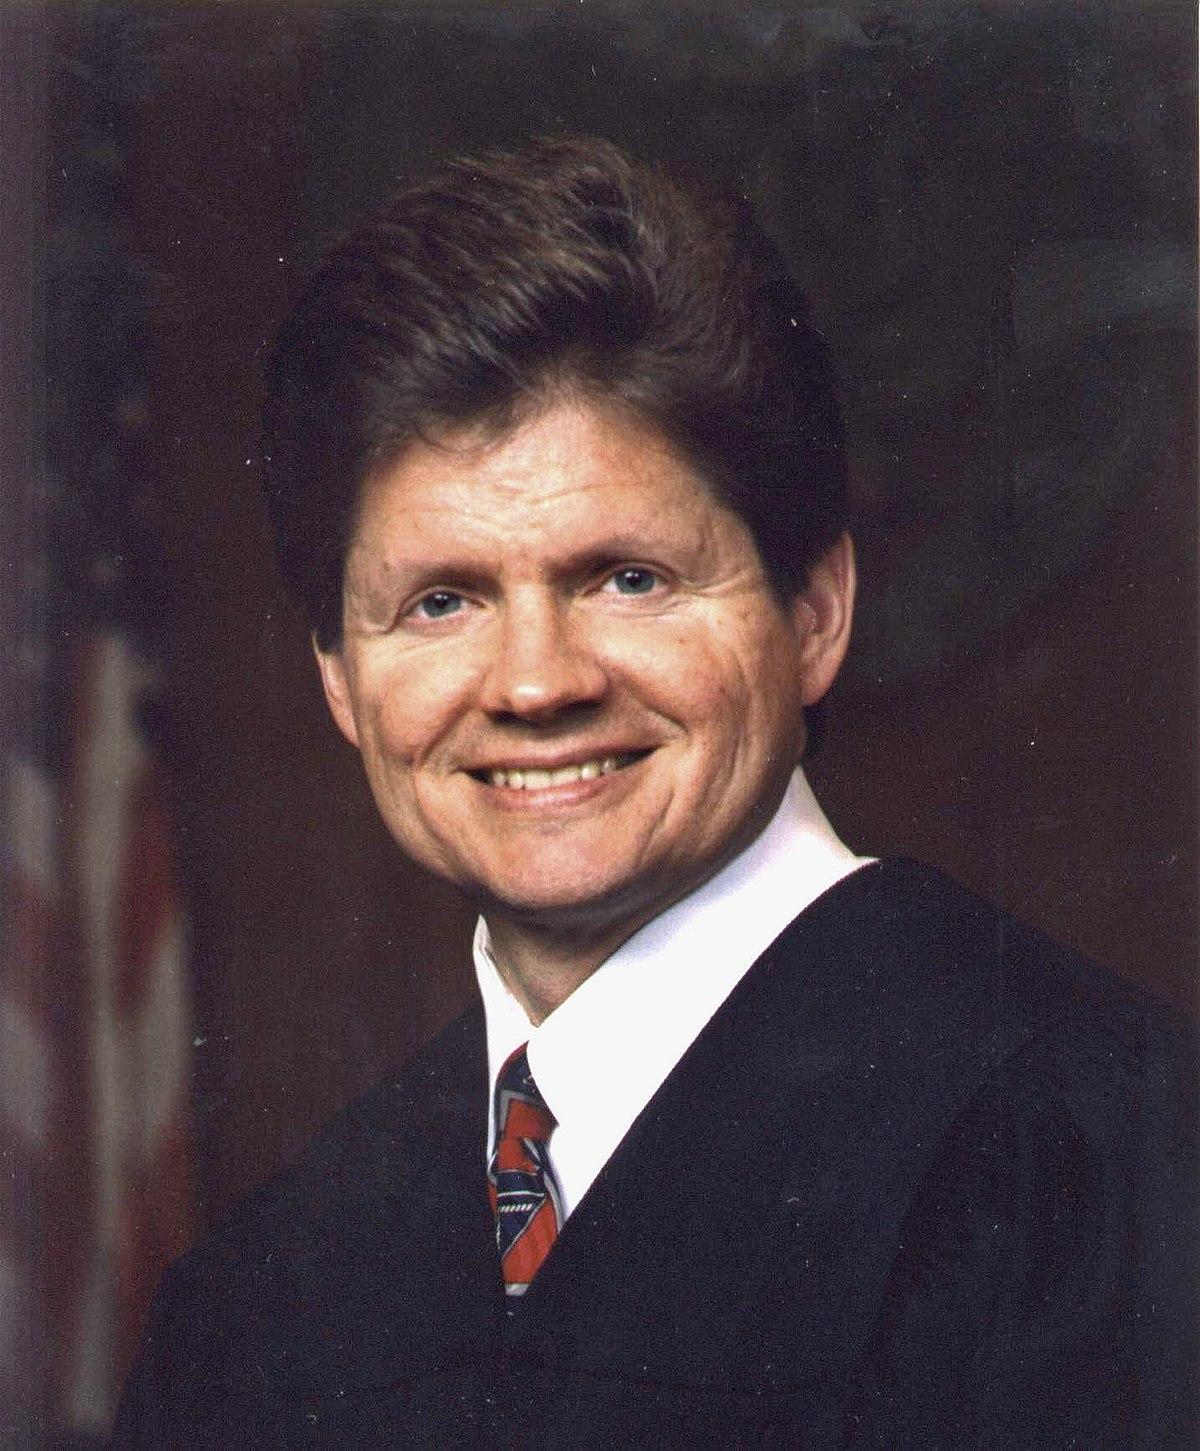 John R Tunheim Wikipedia